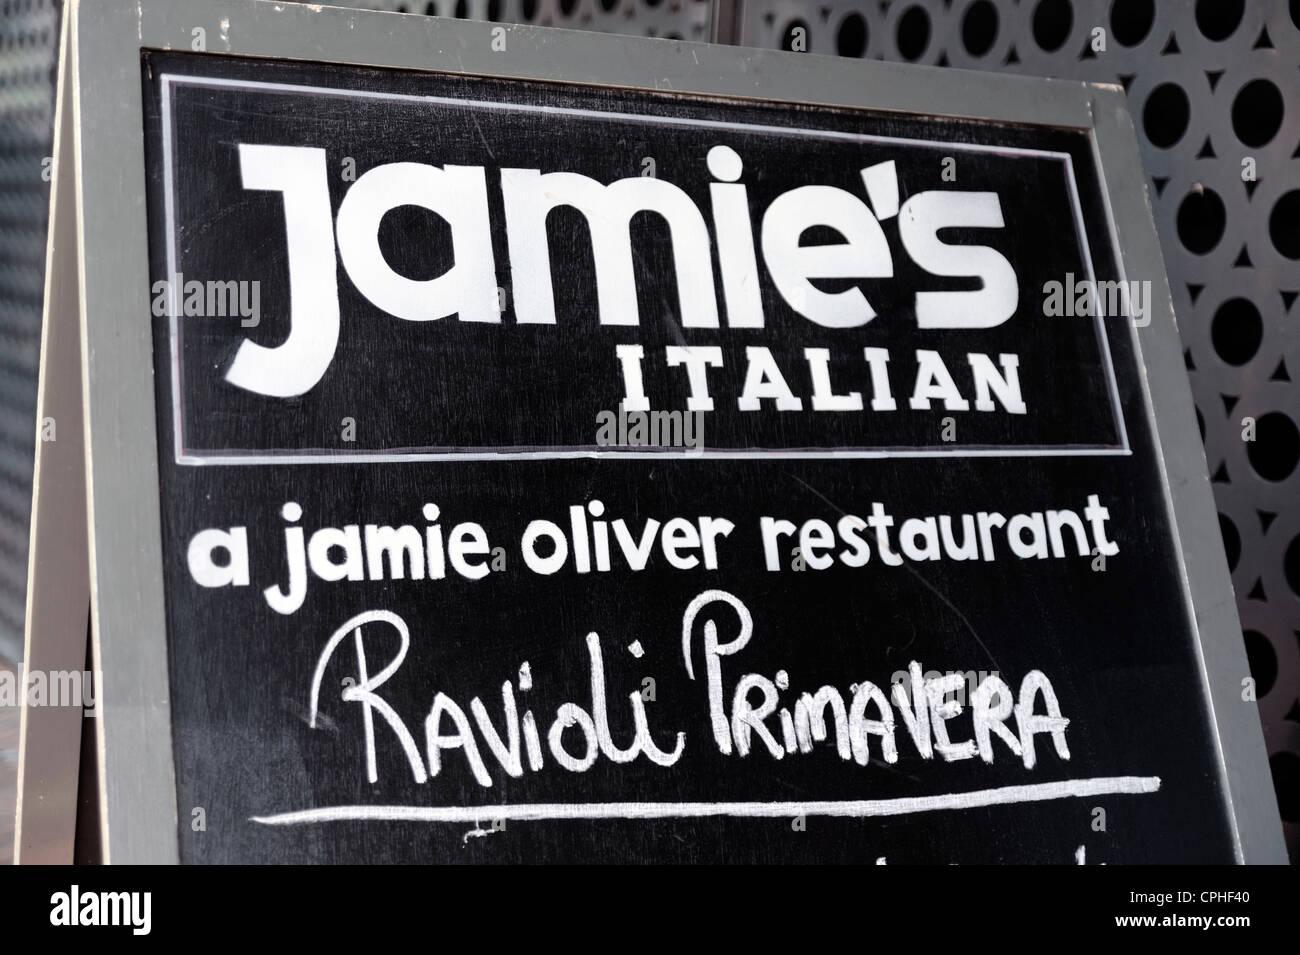 Jamie's Italian sign in Reading, Berkshire, UK. Jamie Oliver restaurant. - Stock Image